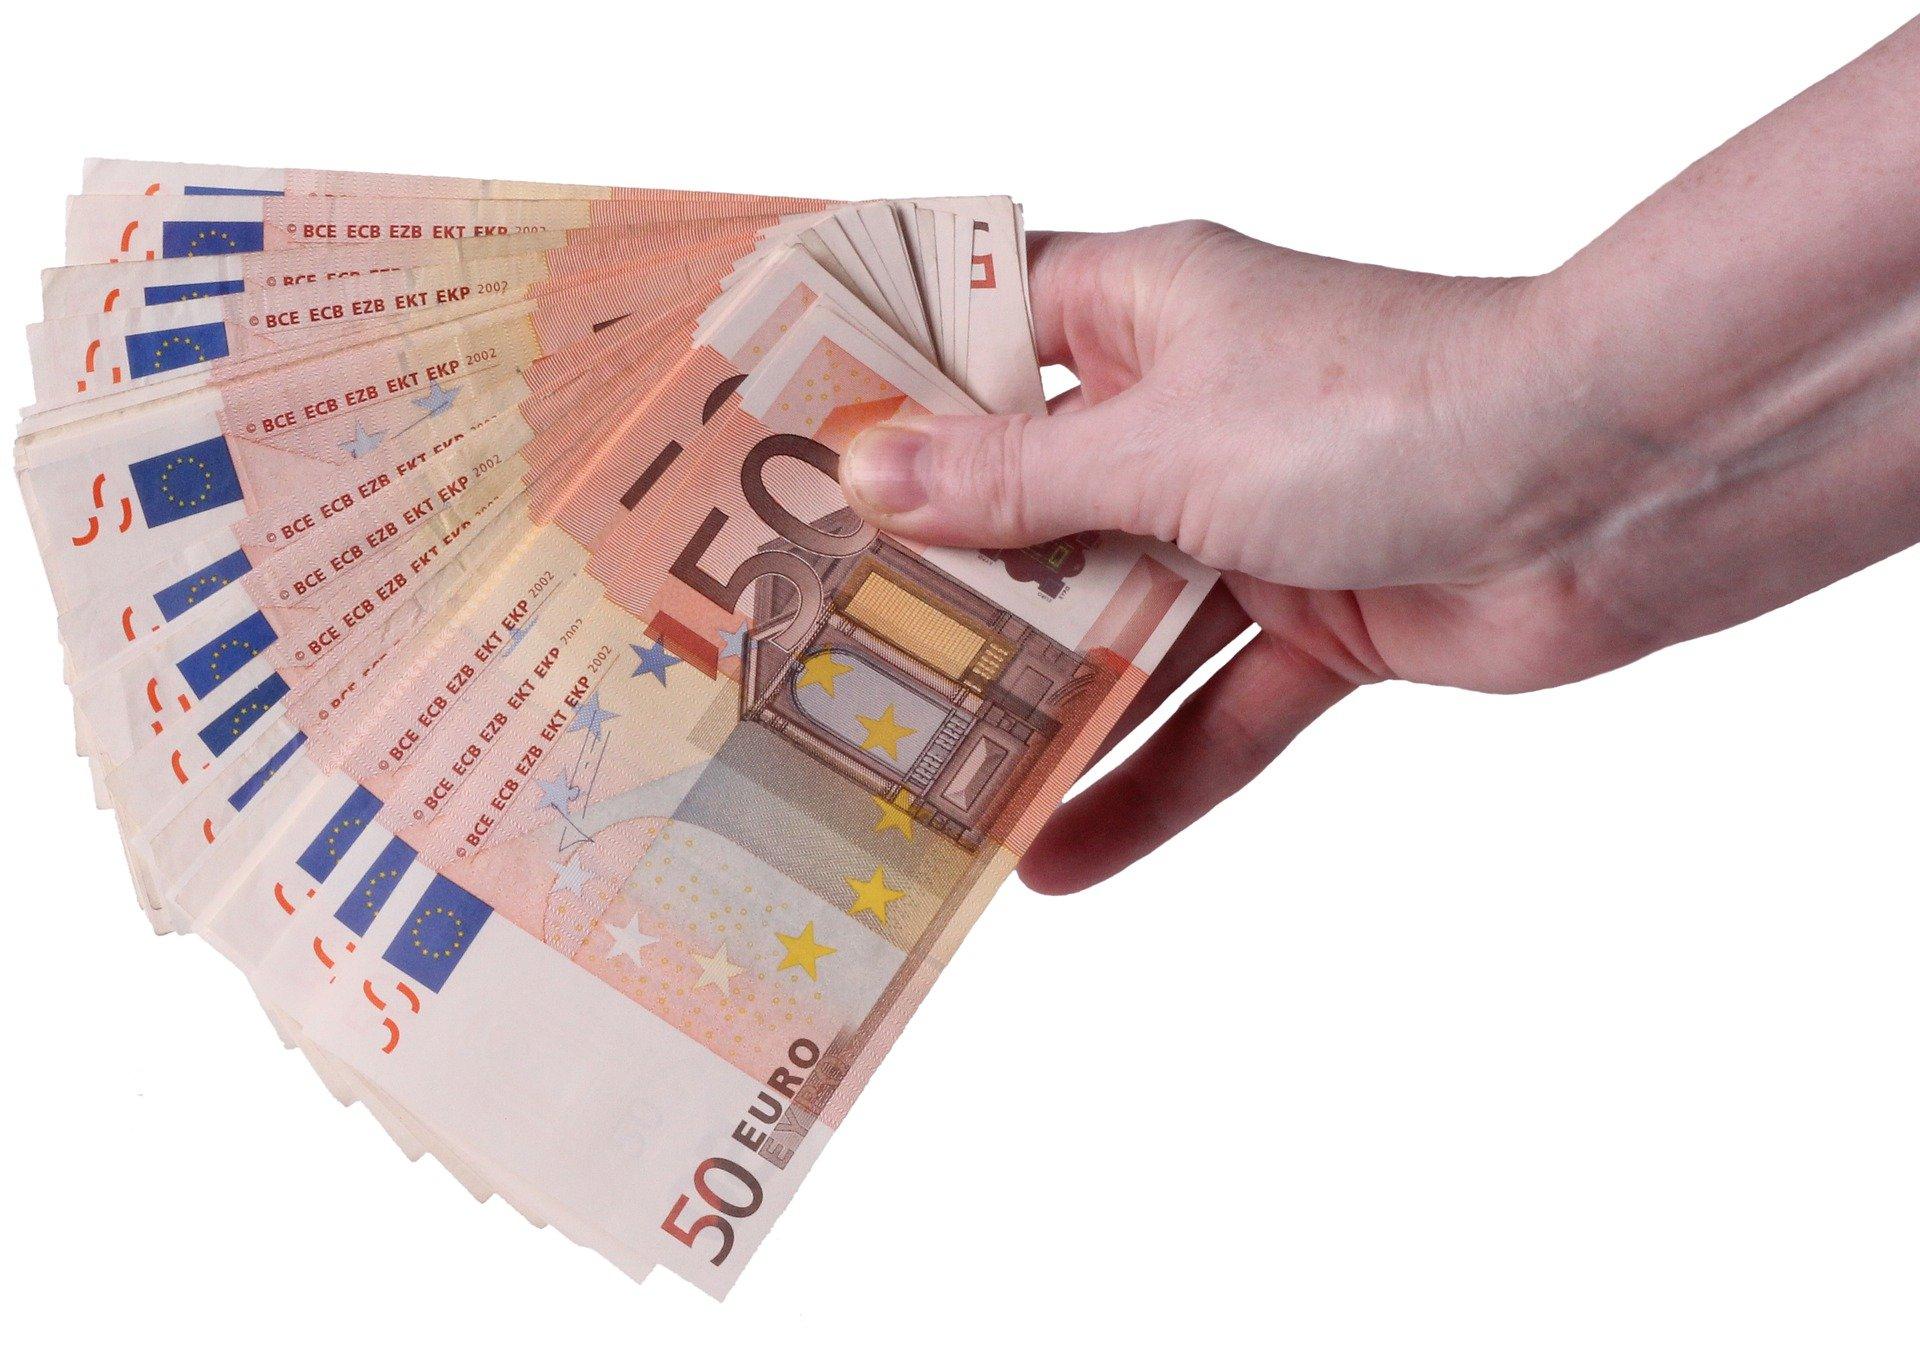 Dal primo luglio ci sarà meno contante in circolazione